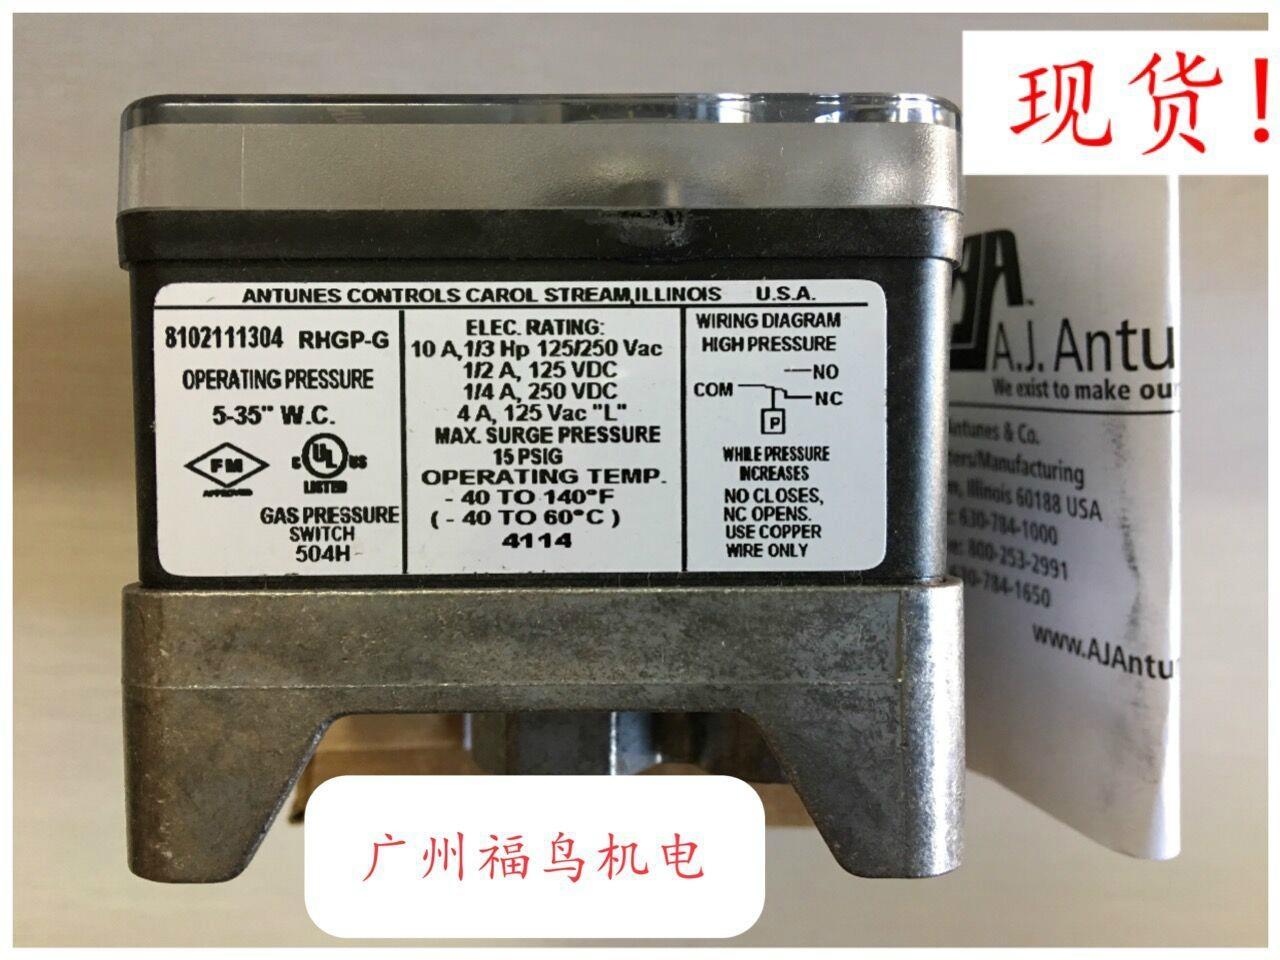 ANTUNES CONTROLS壓力開關, 型號: RHGP-G 8102111304